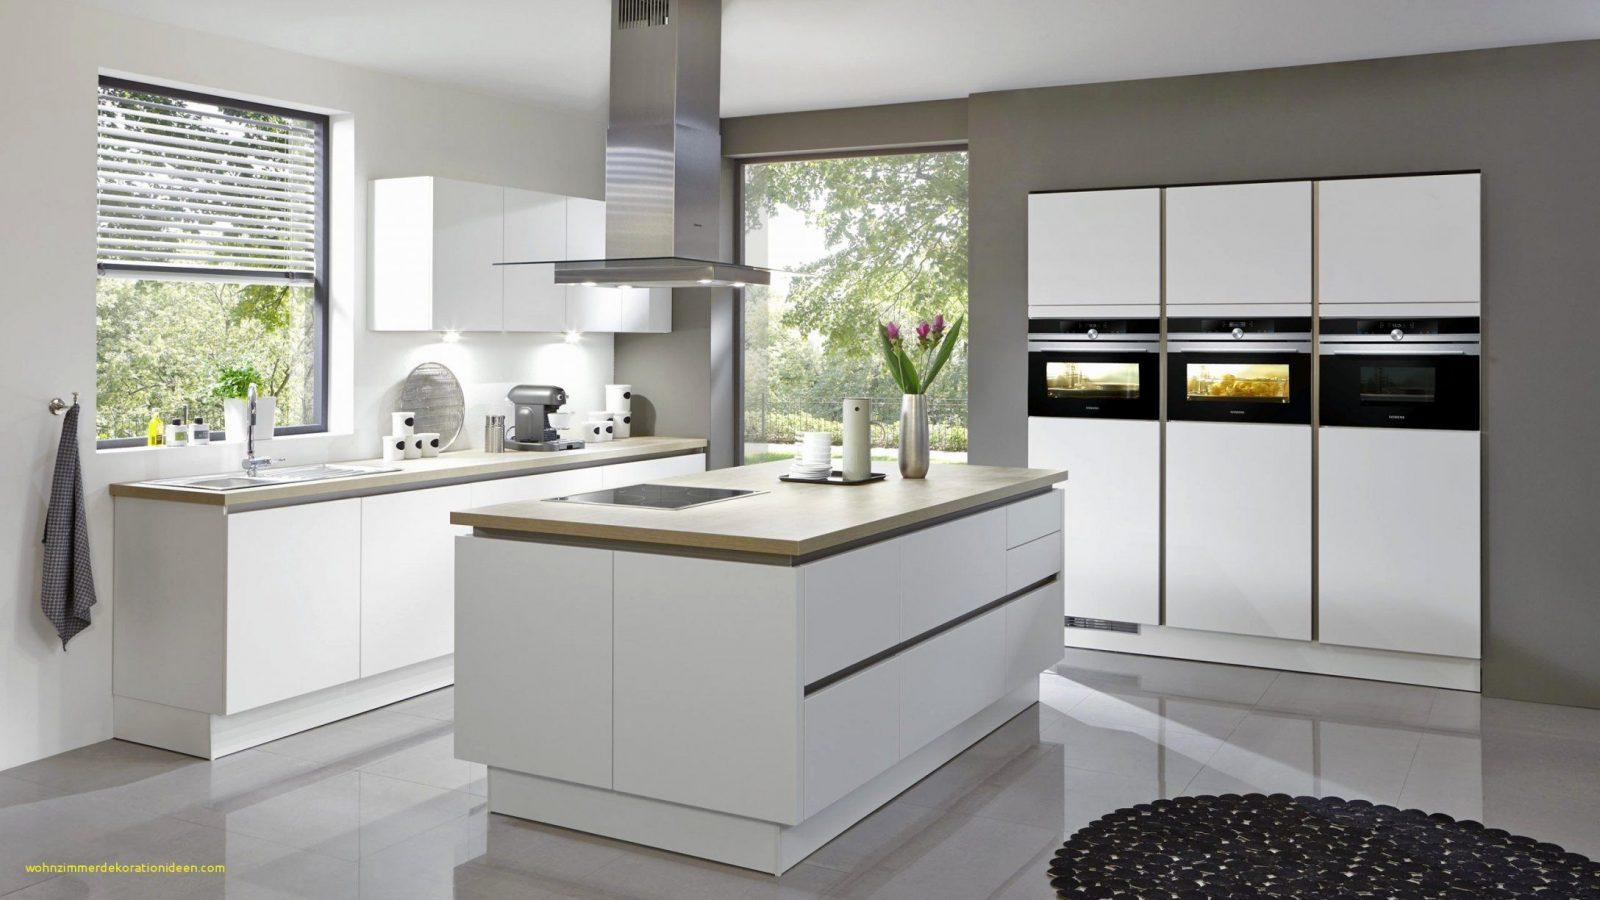 Gemütlich Ikea Küche Insel Galerie Küchenschrank Ideen Eastbound von ...